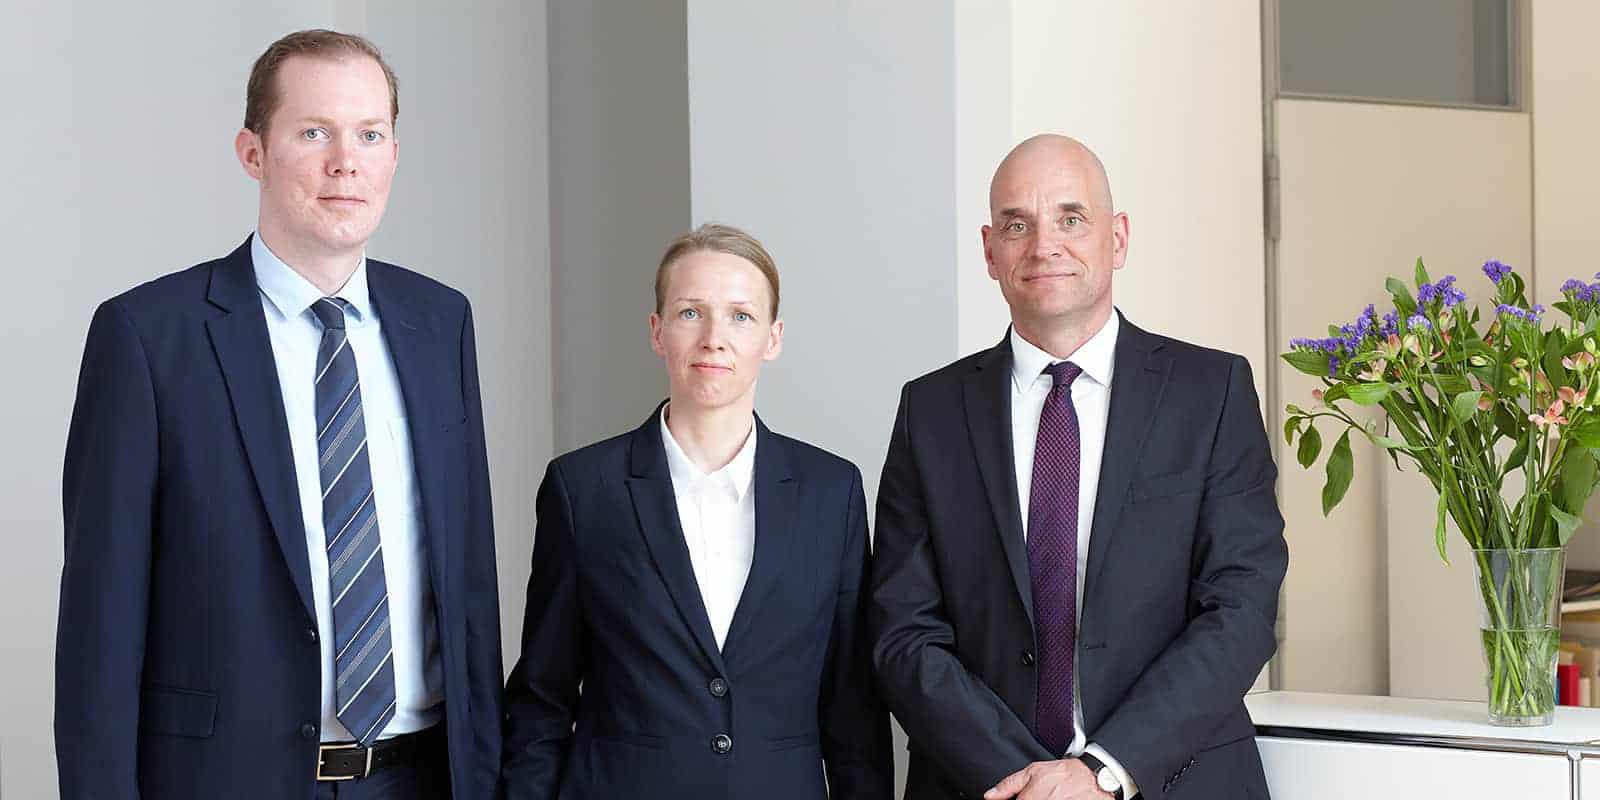 Rechtsanwälte Bechert Auerbach Rohling